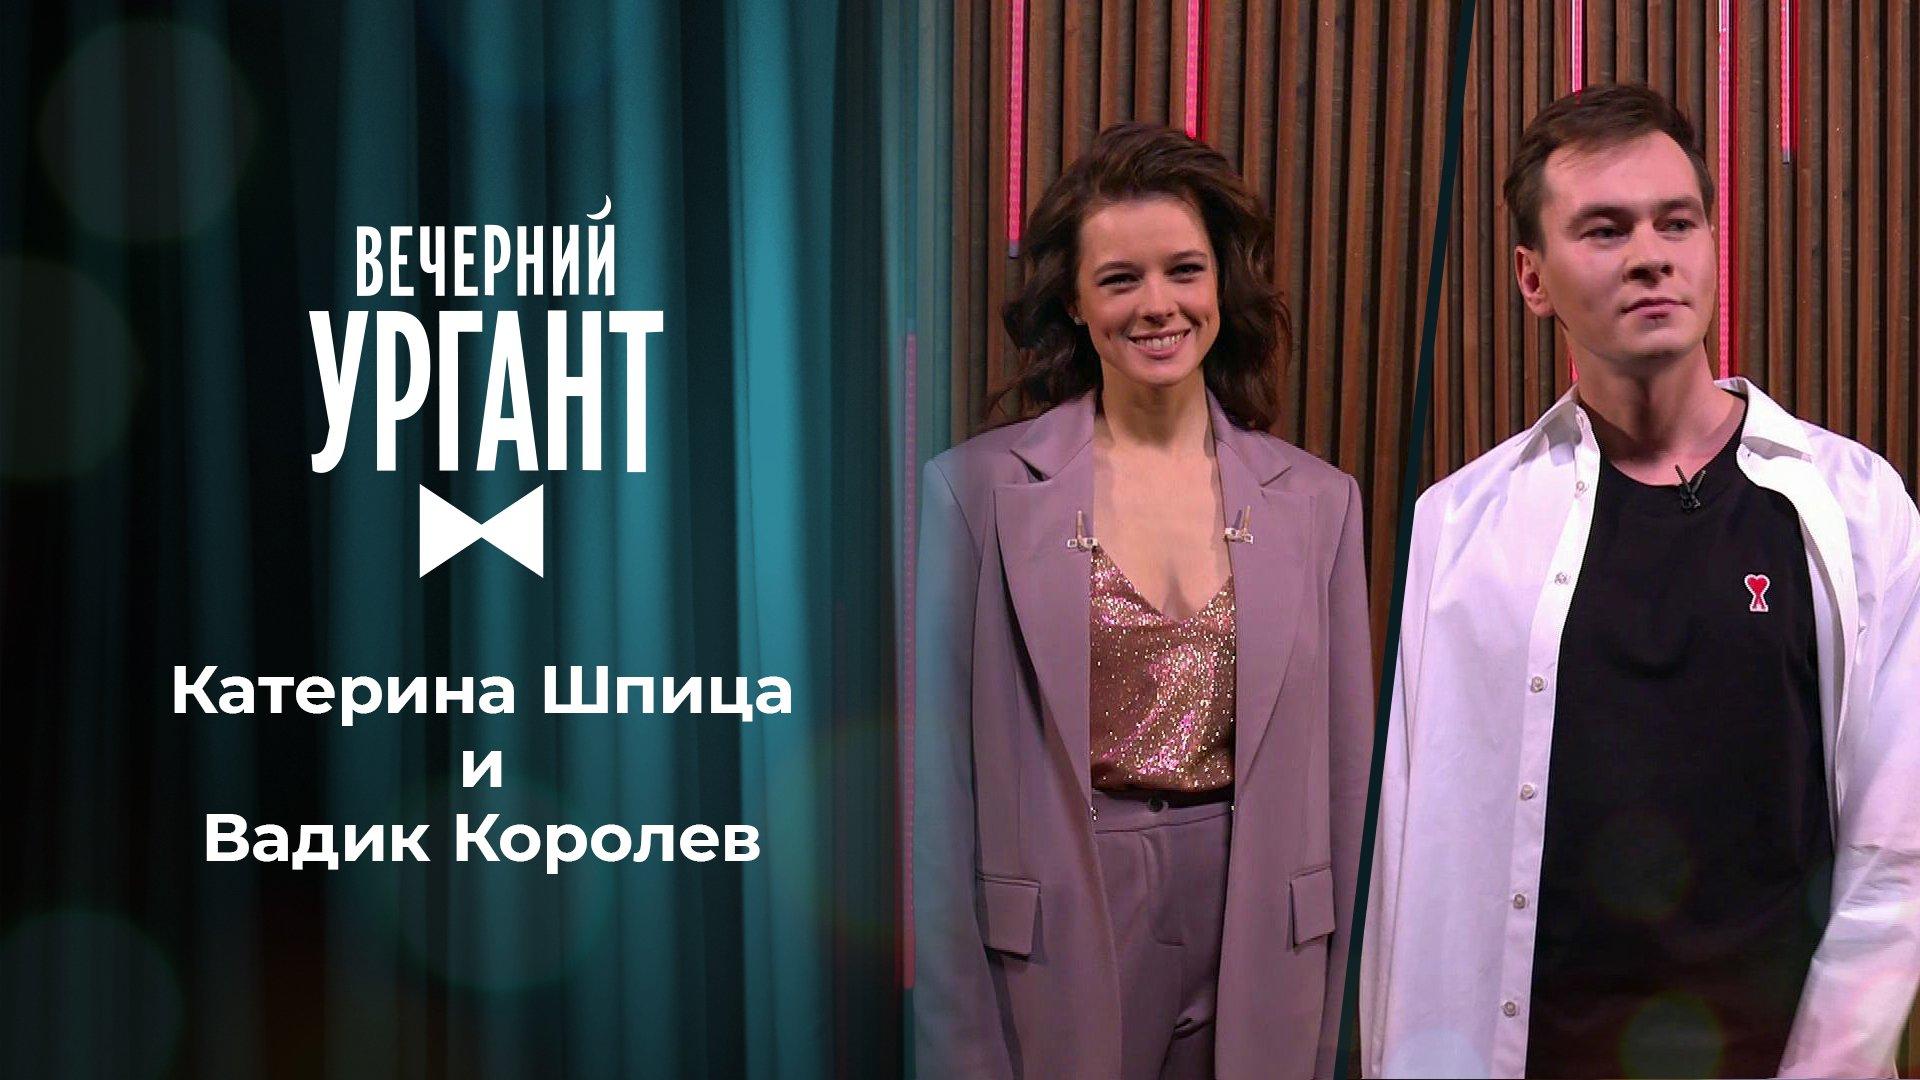 «Вечерний Ургант». Катерина Шпица иВадим Королев